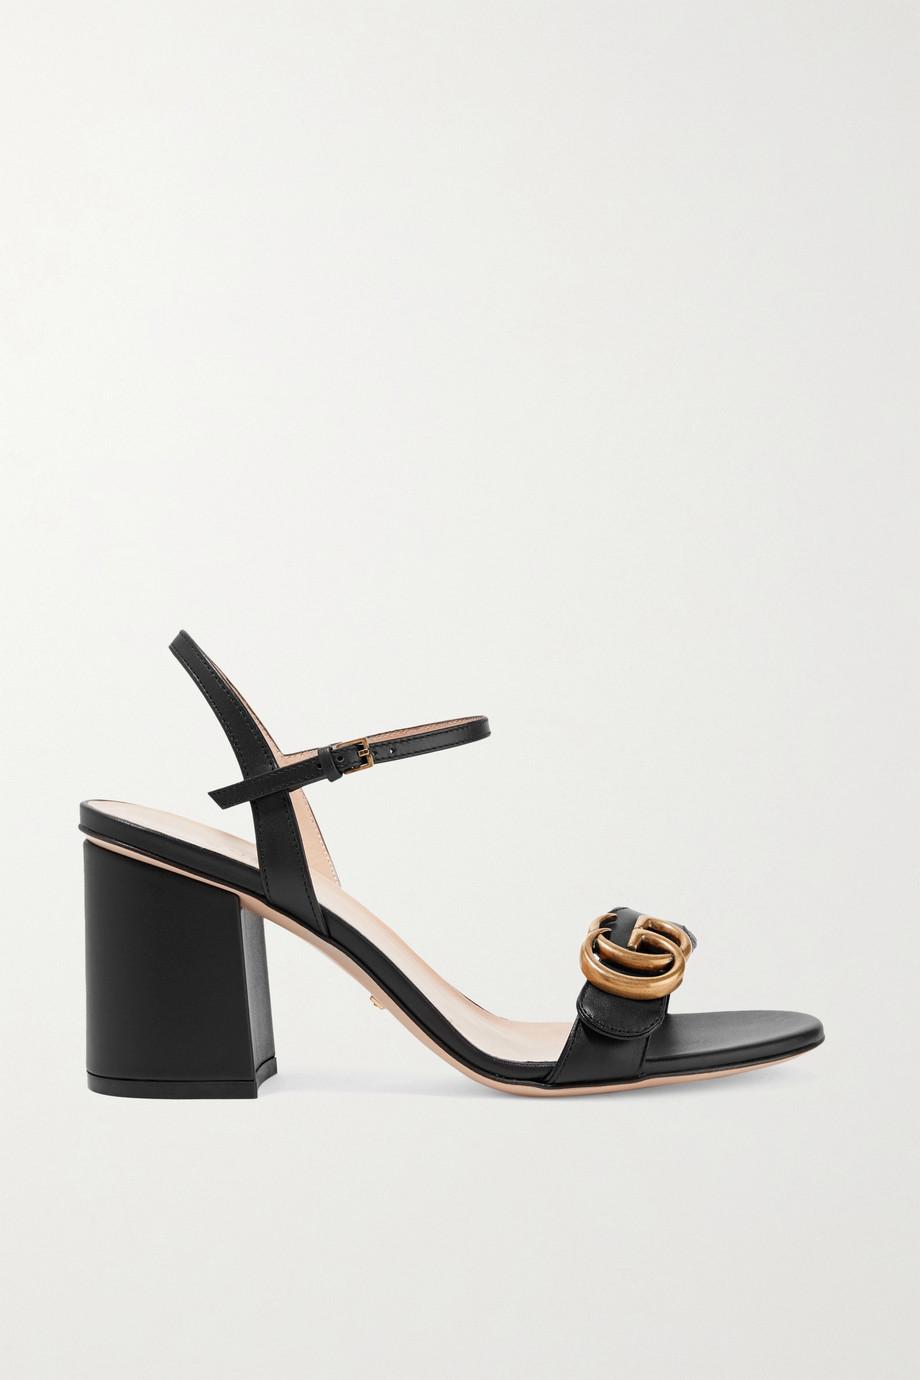 Gucci Marmont 品牌标志缀饰皮革凉鞋